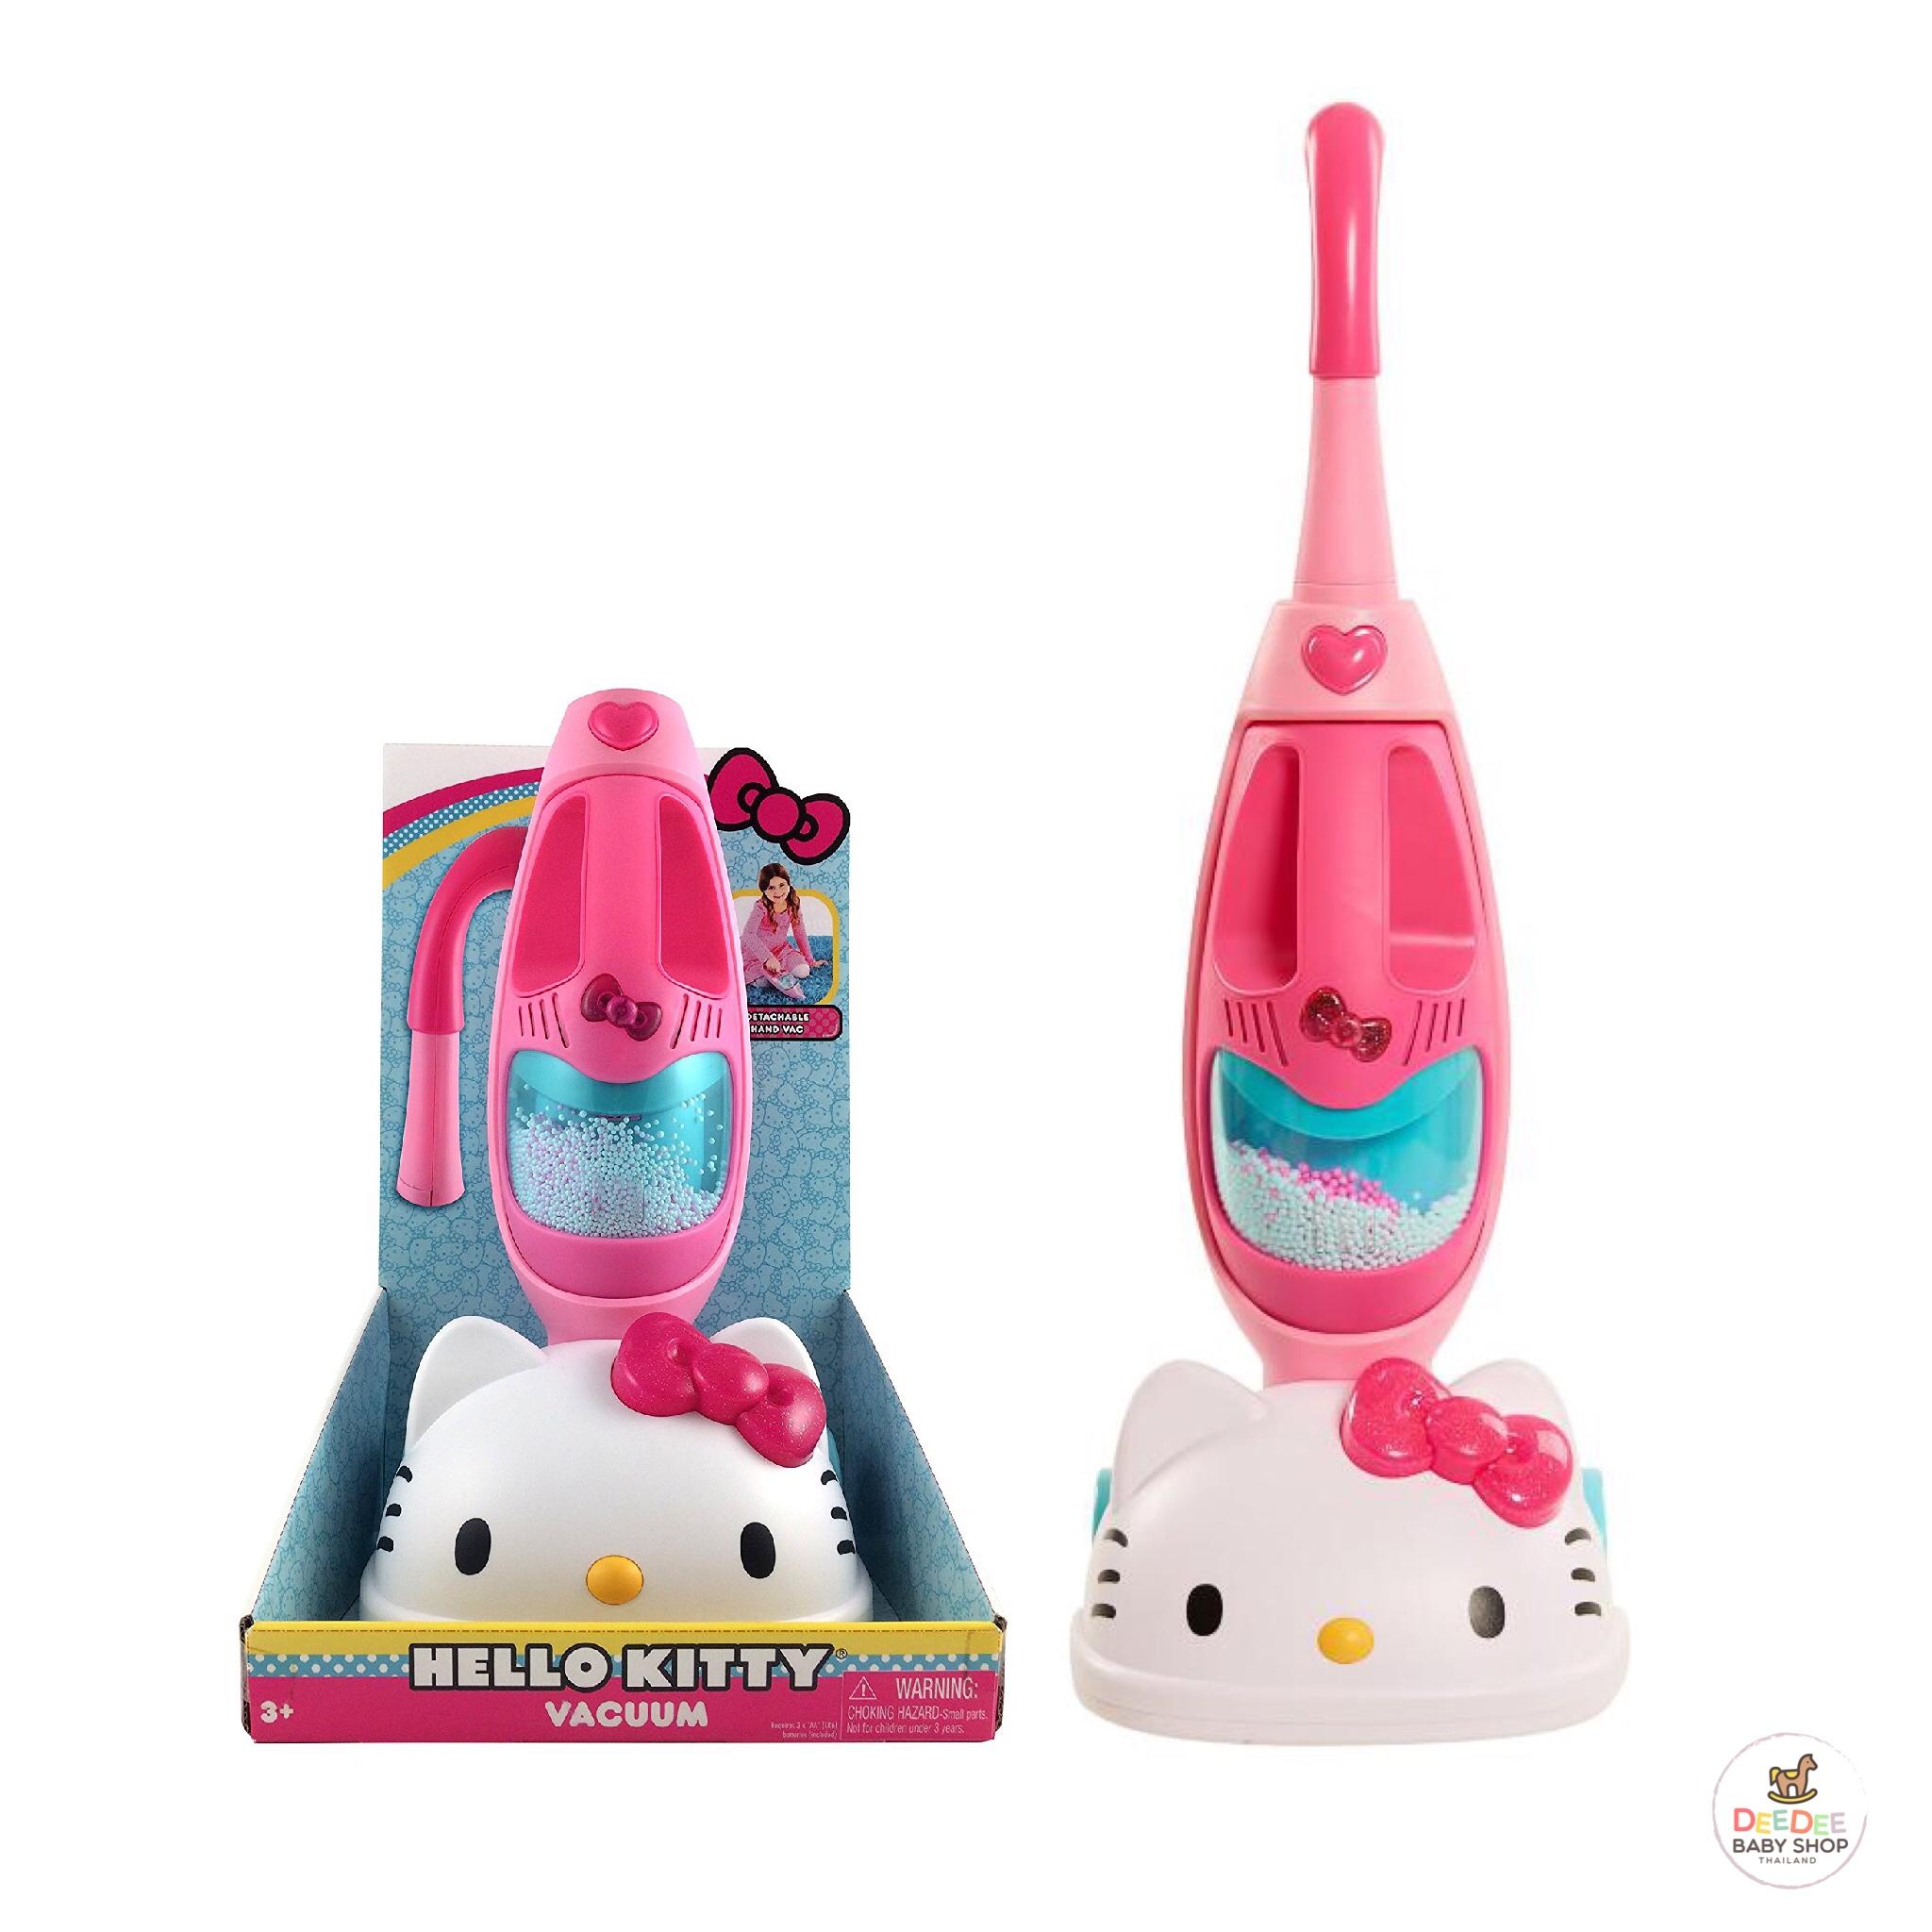 เครื่องดูดฝุ่นจำลองแสนน่ารัก Just Play Hello Kitty Vacuum Cleaner Playset